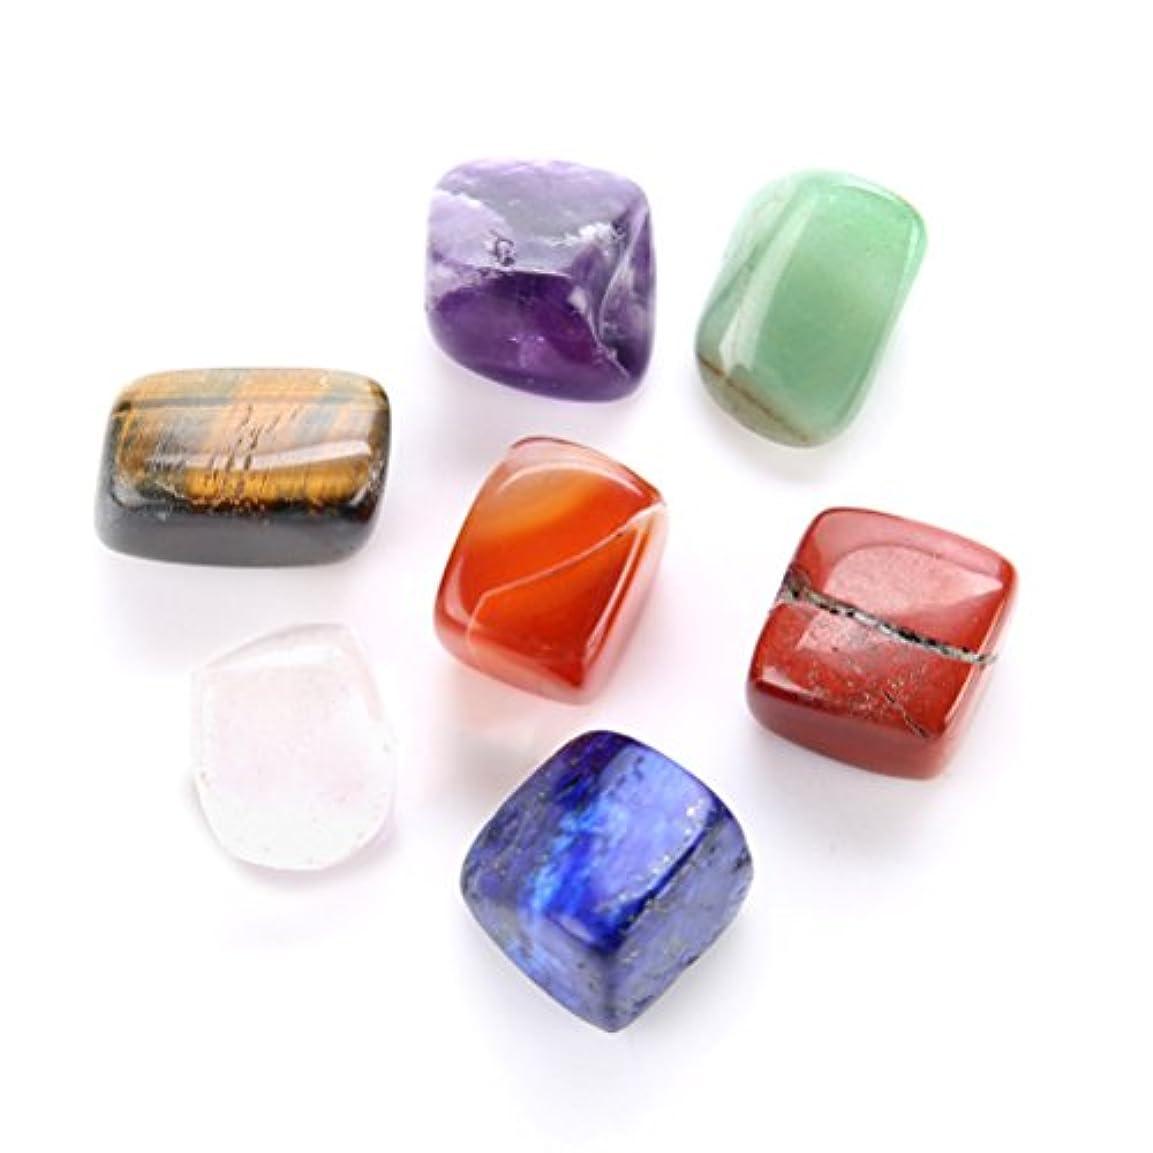 ピンチ保有者暫定ULTNICE 癒しの結晶宝石7チャクラ心配の石は、アースバランスのために